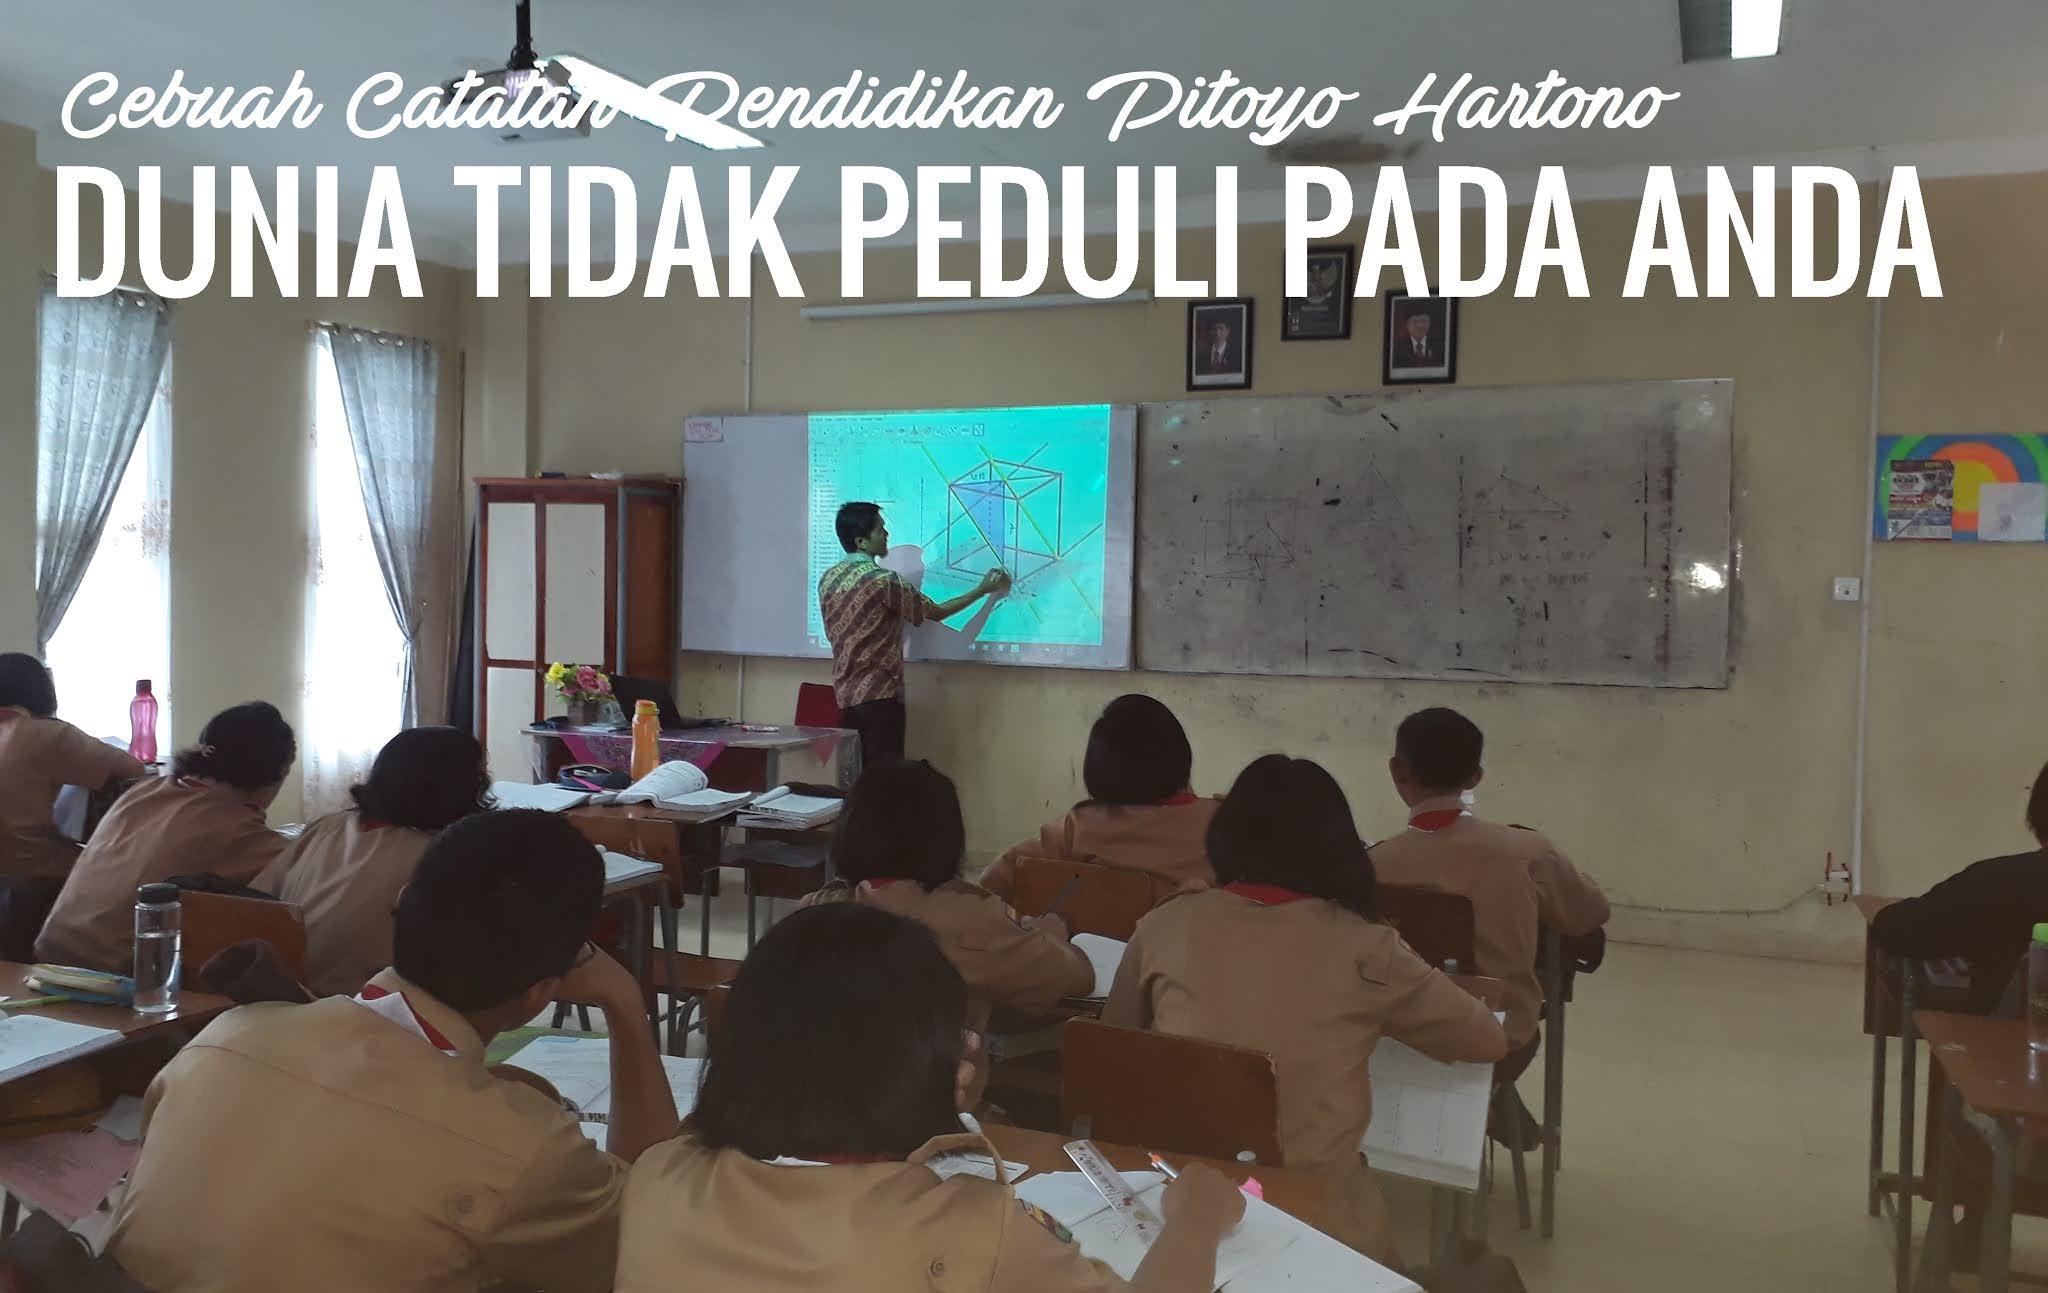 Sebuah Catatan Pendidikan Pitoyo Hartono, Dunia Tidak Peduli Pada Anda